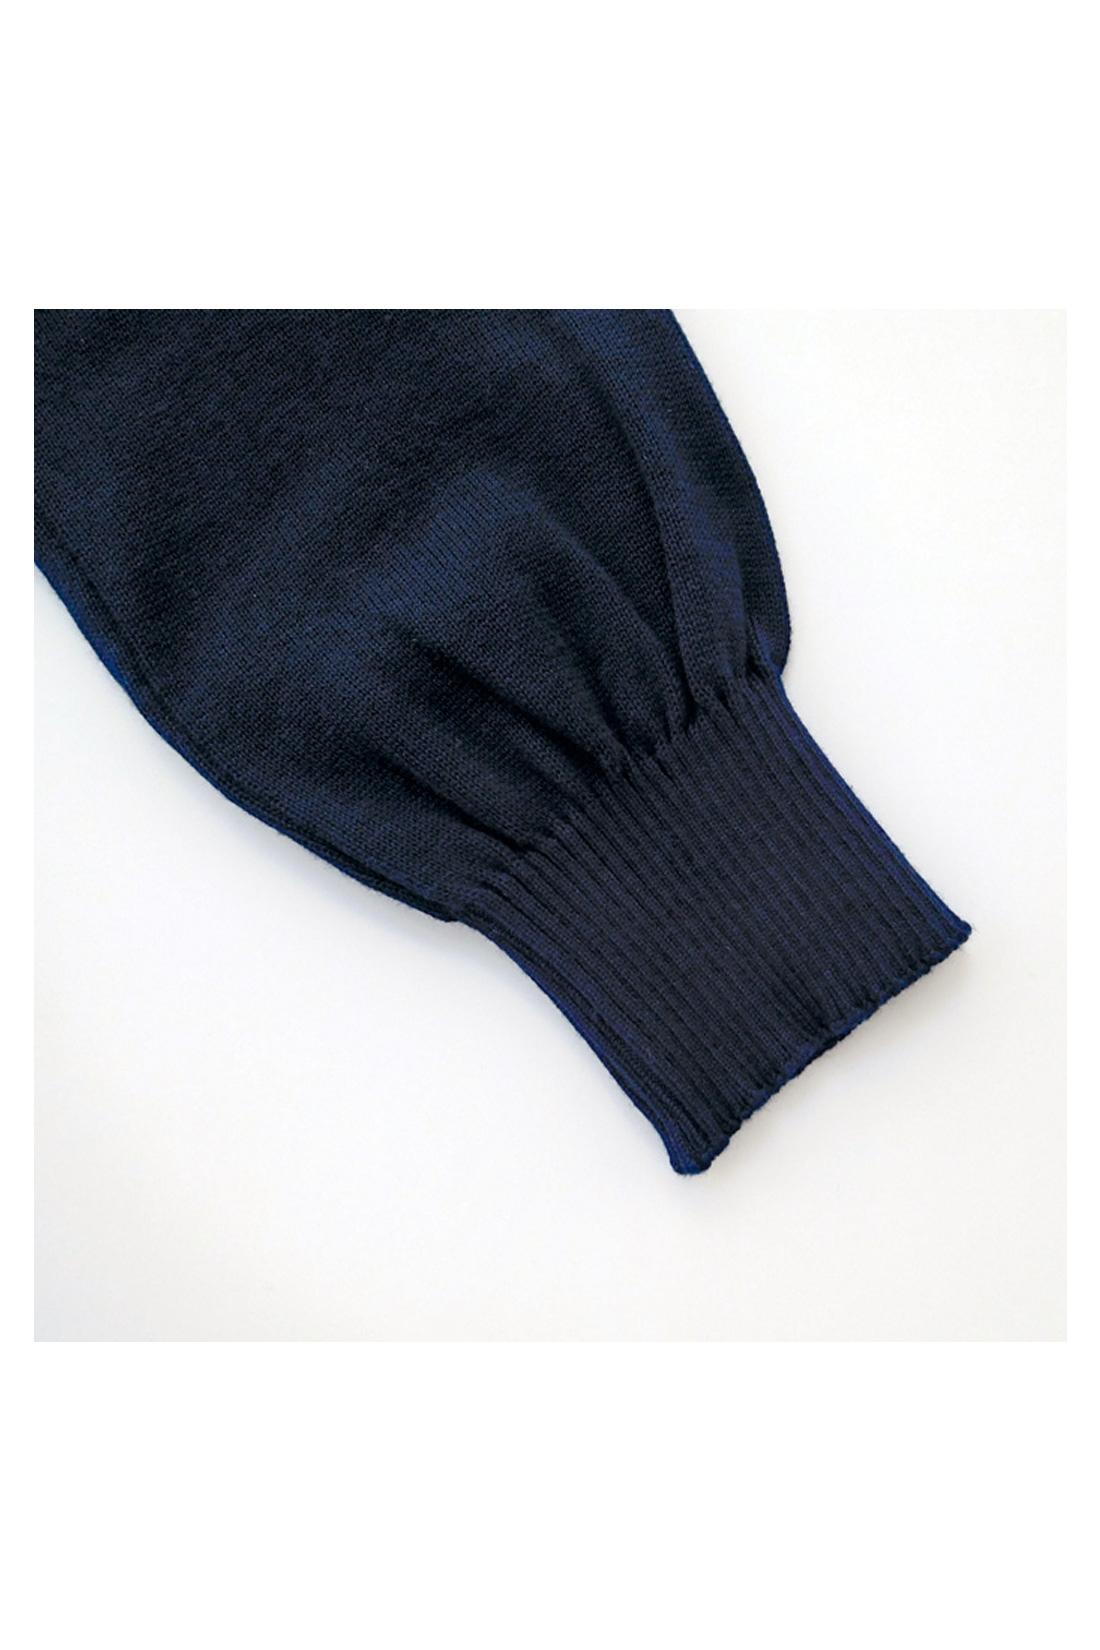 袖口のリブをキュッと仕上げて、少しボアンとなっているのがオンナノコ。